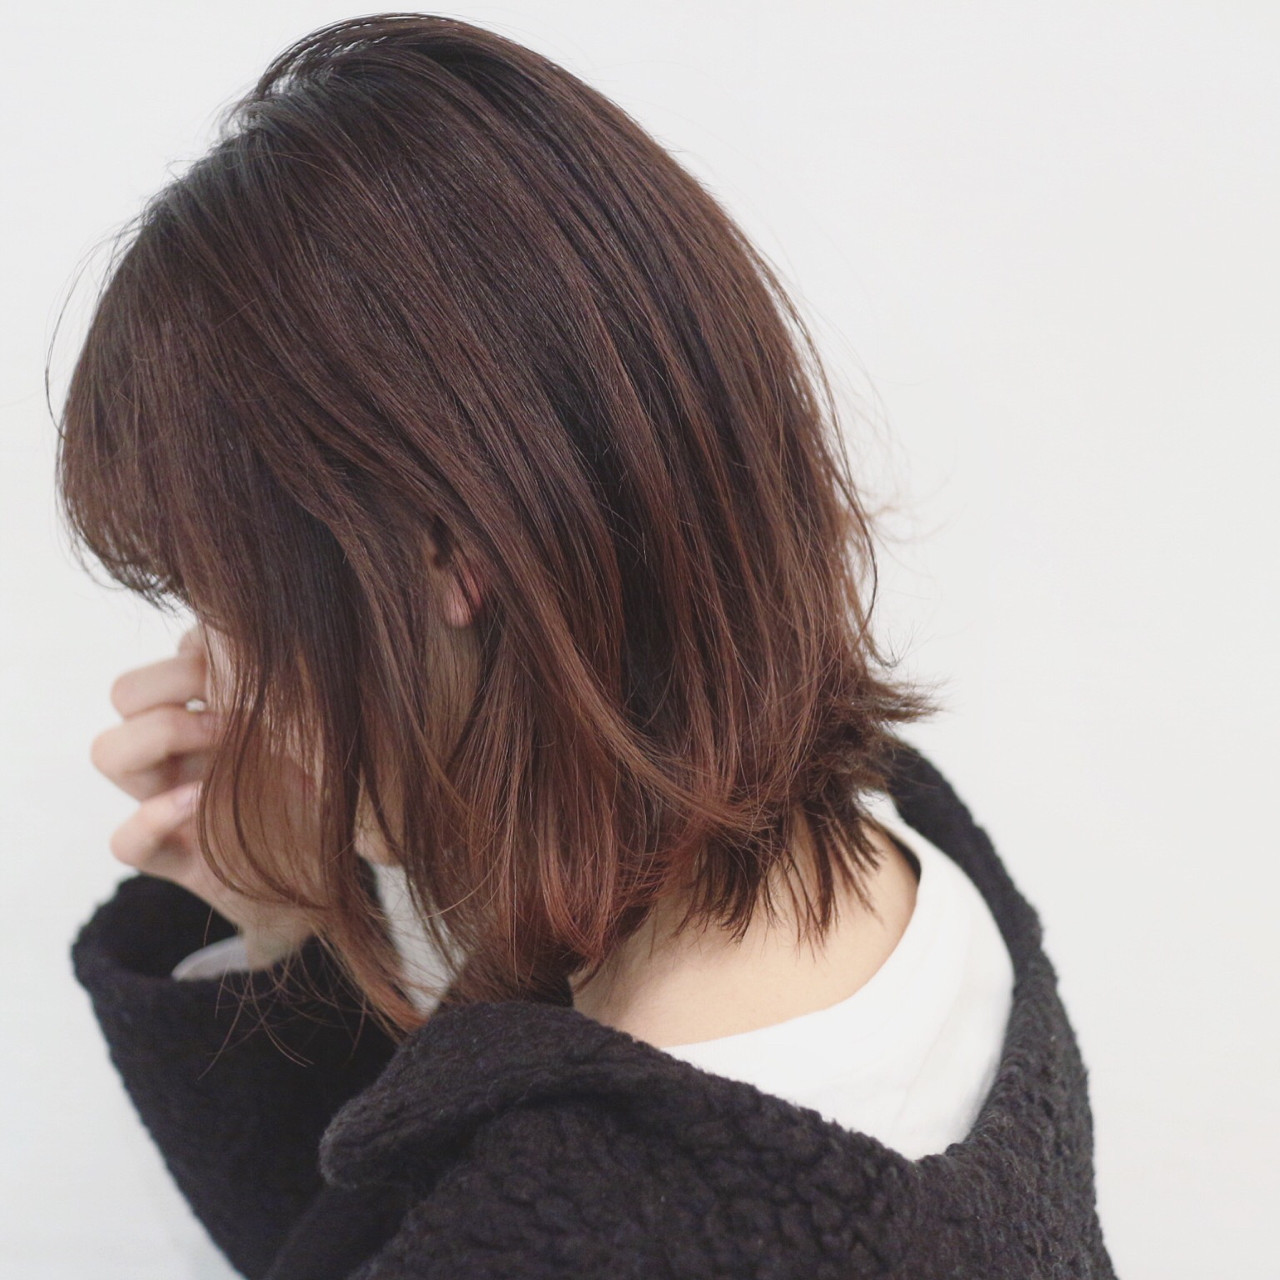 グラデーションカラー ボブ デート アウトドア ヘアスタイルや髪型の写真・画像 | 三好 佳奈美 / Baco.(バコ)